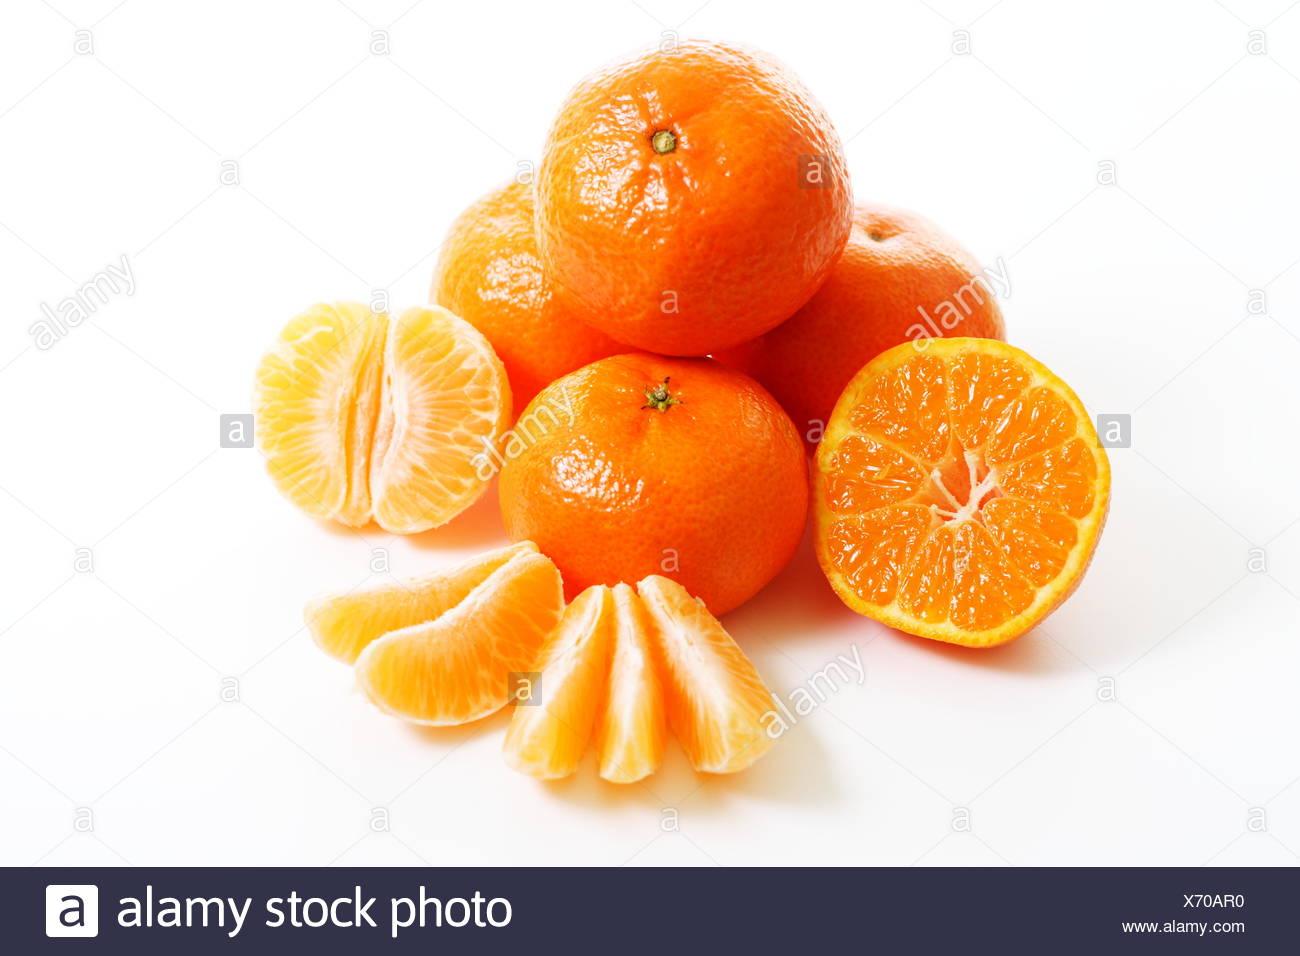 Orangen essen Nahrungsmittel Stockbild